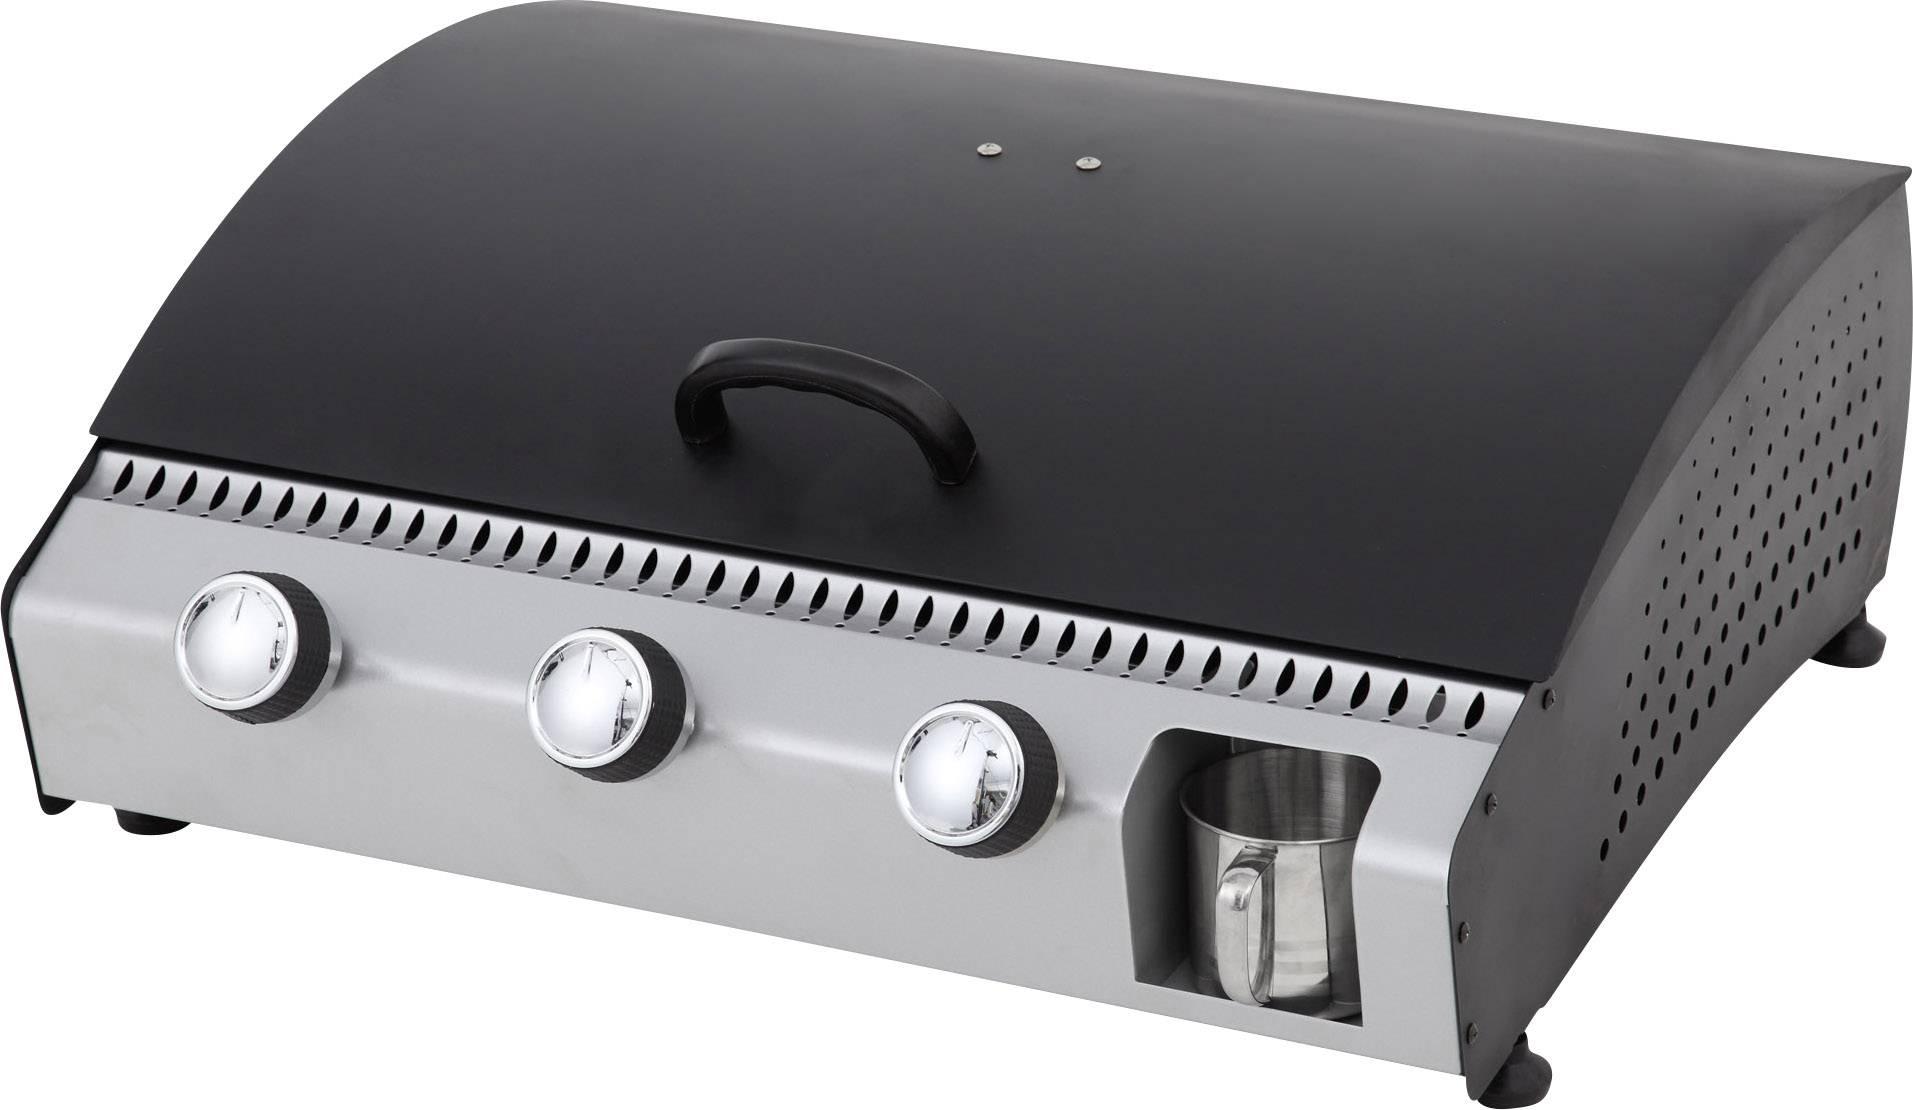 Tisch Holzkohlegrill Für Innen : Clatronic bq tisch elektro grill schwarz kaufen